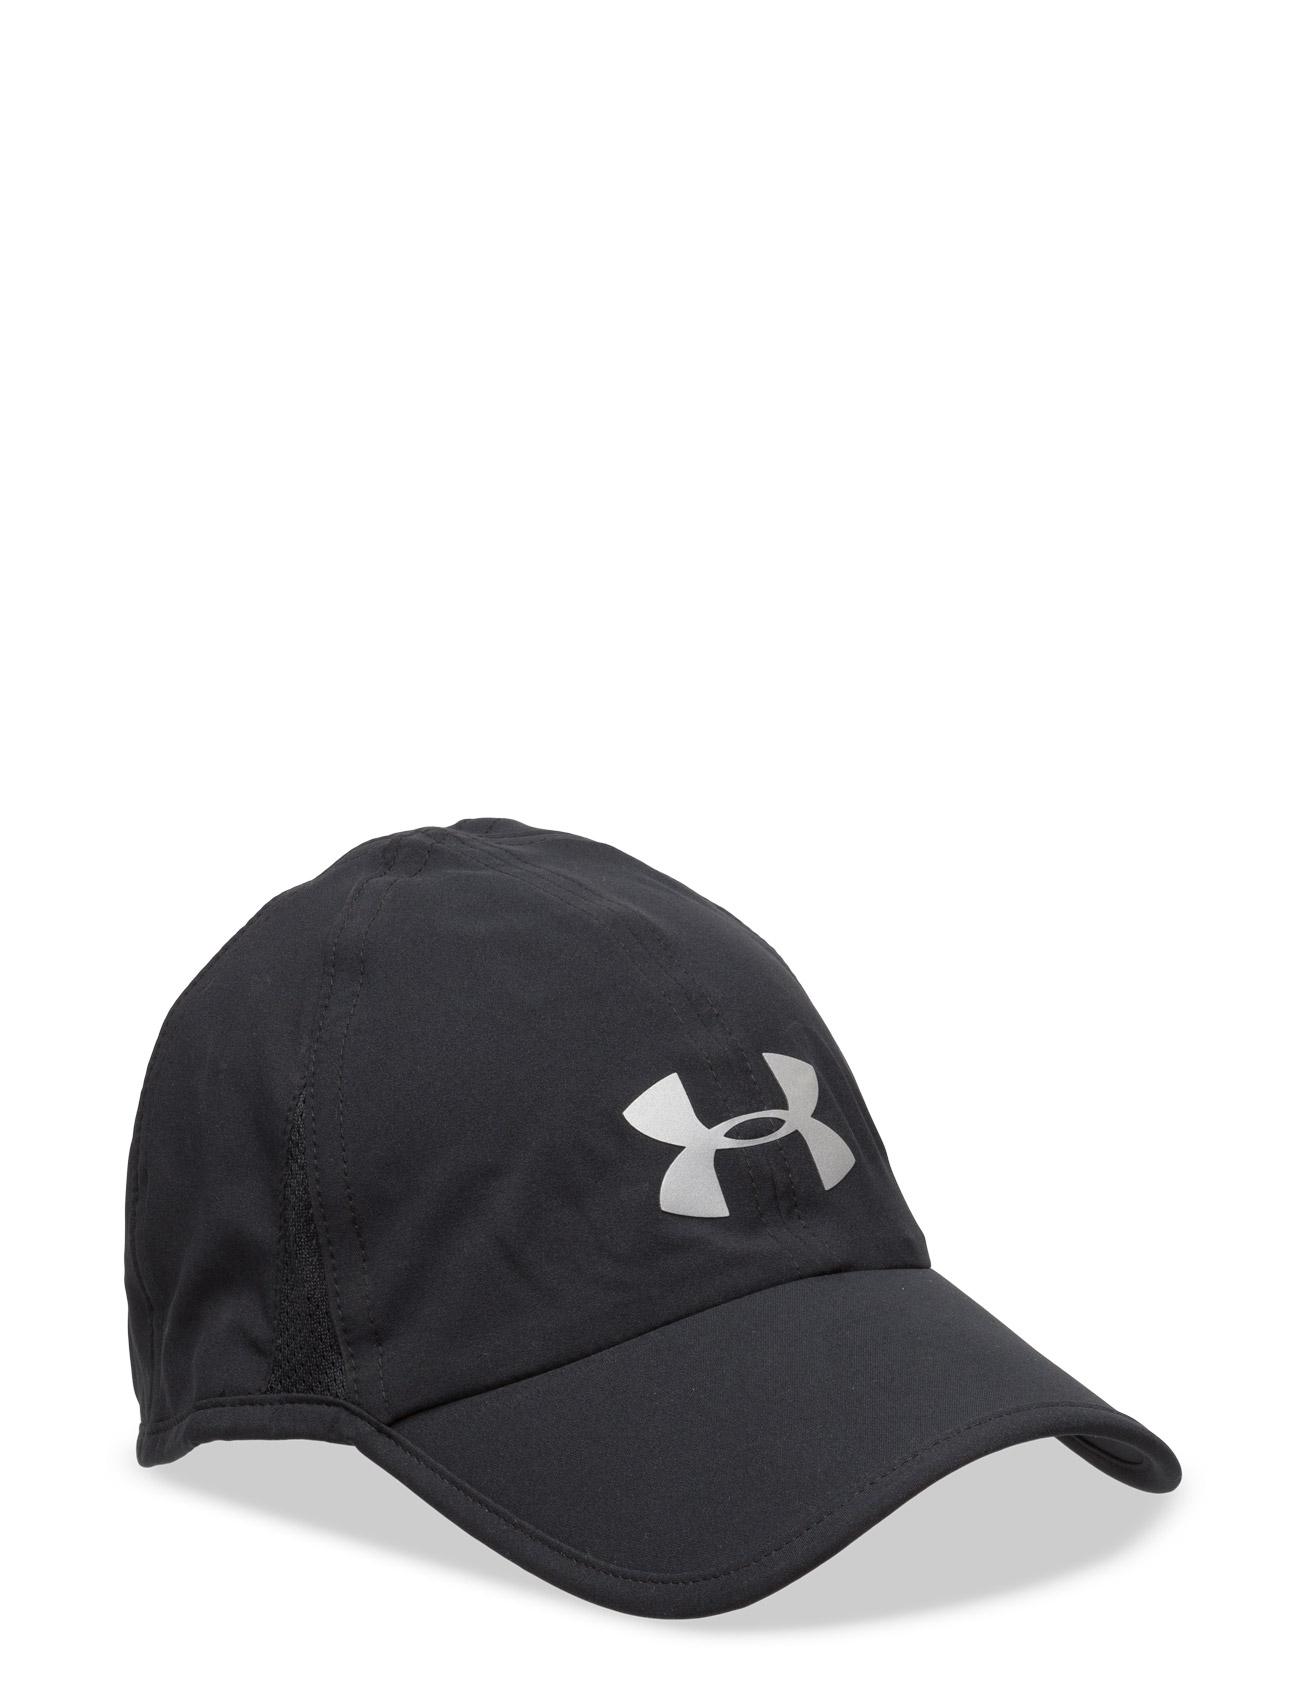 Men'S Shadow Cap 4.0 Under Armour Sports accessories til Herrer i Sort